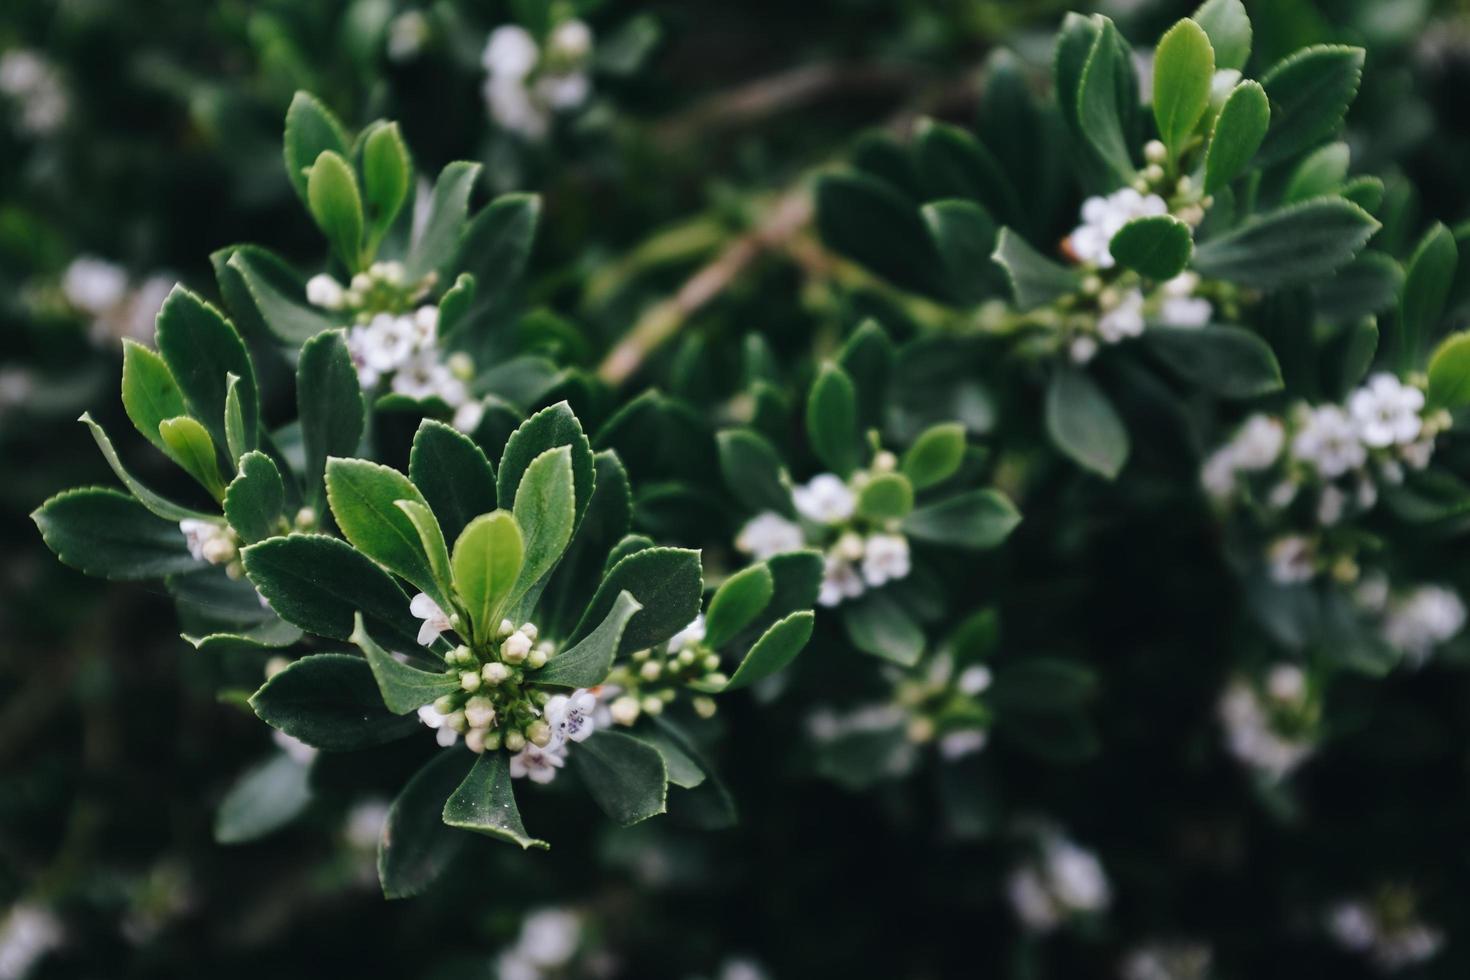 pianta a grappolo bianco foto